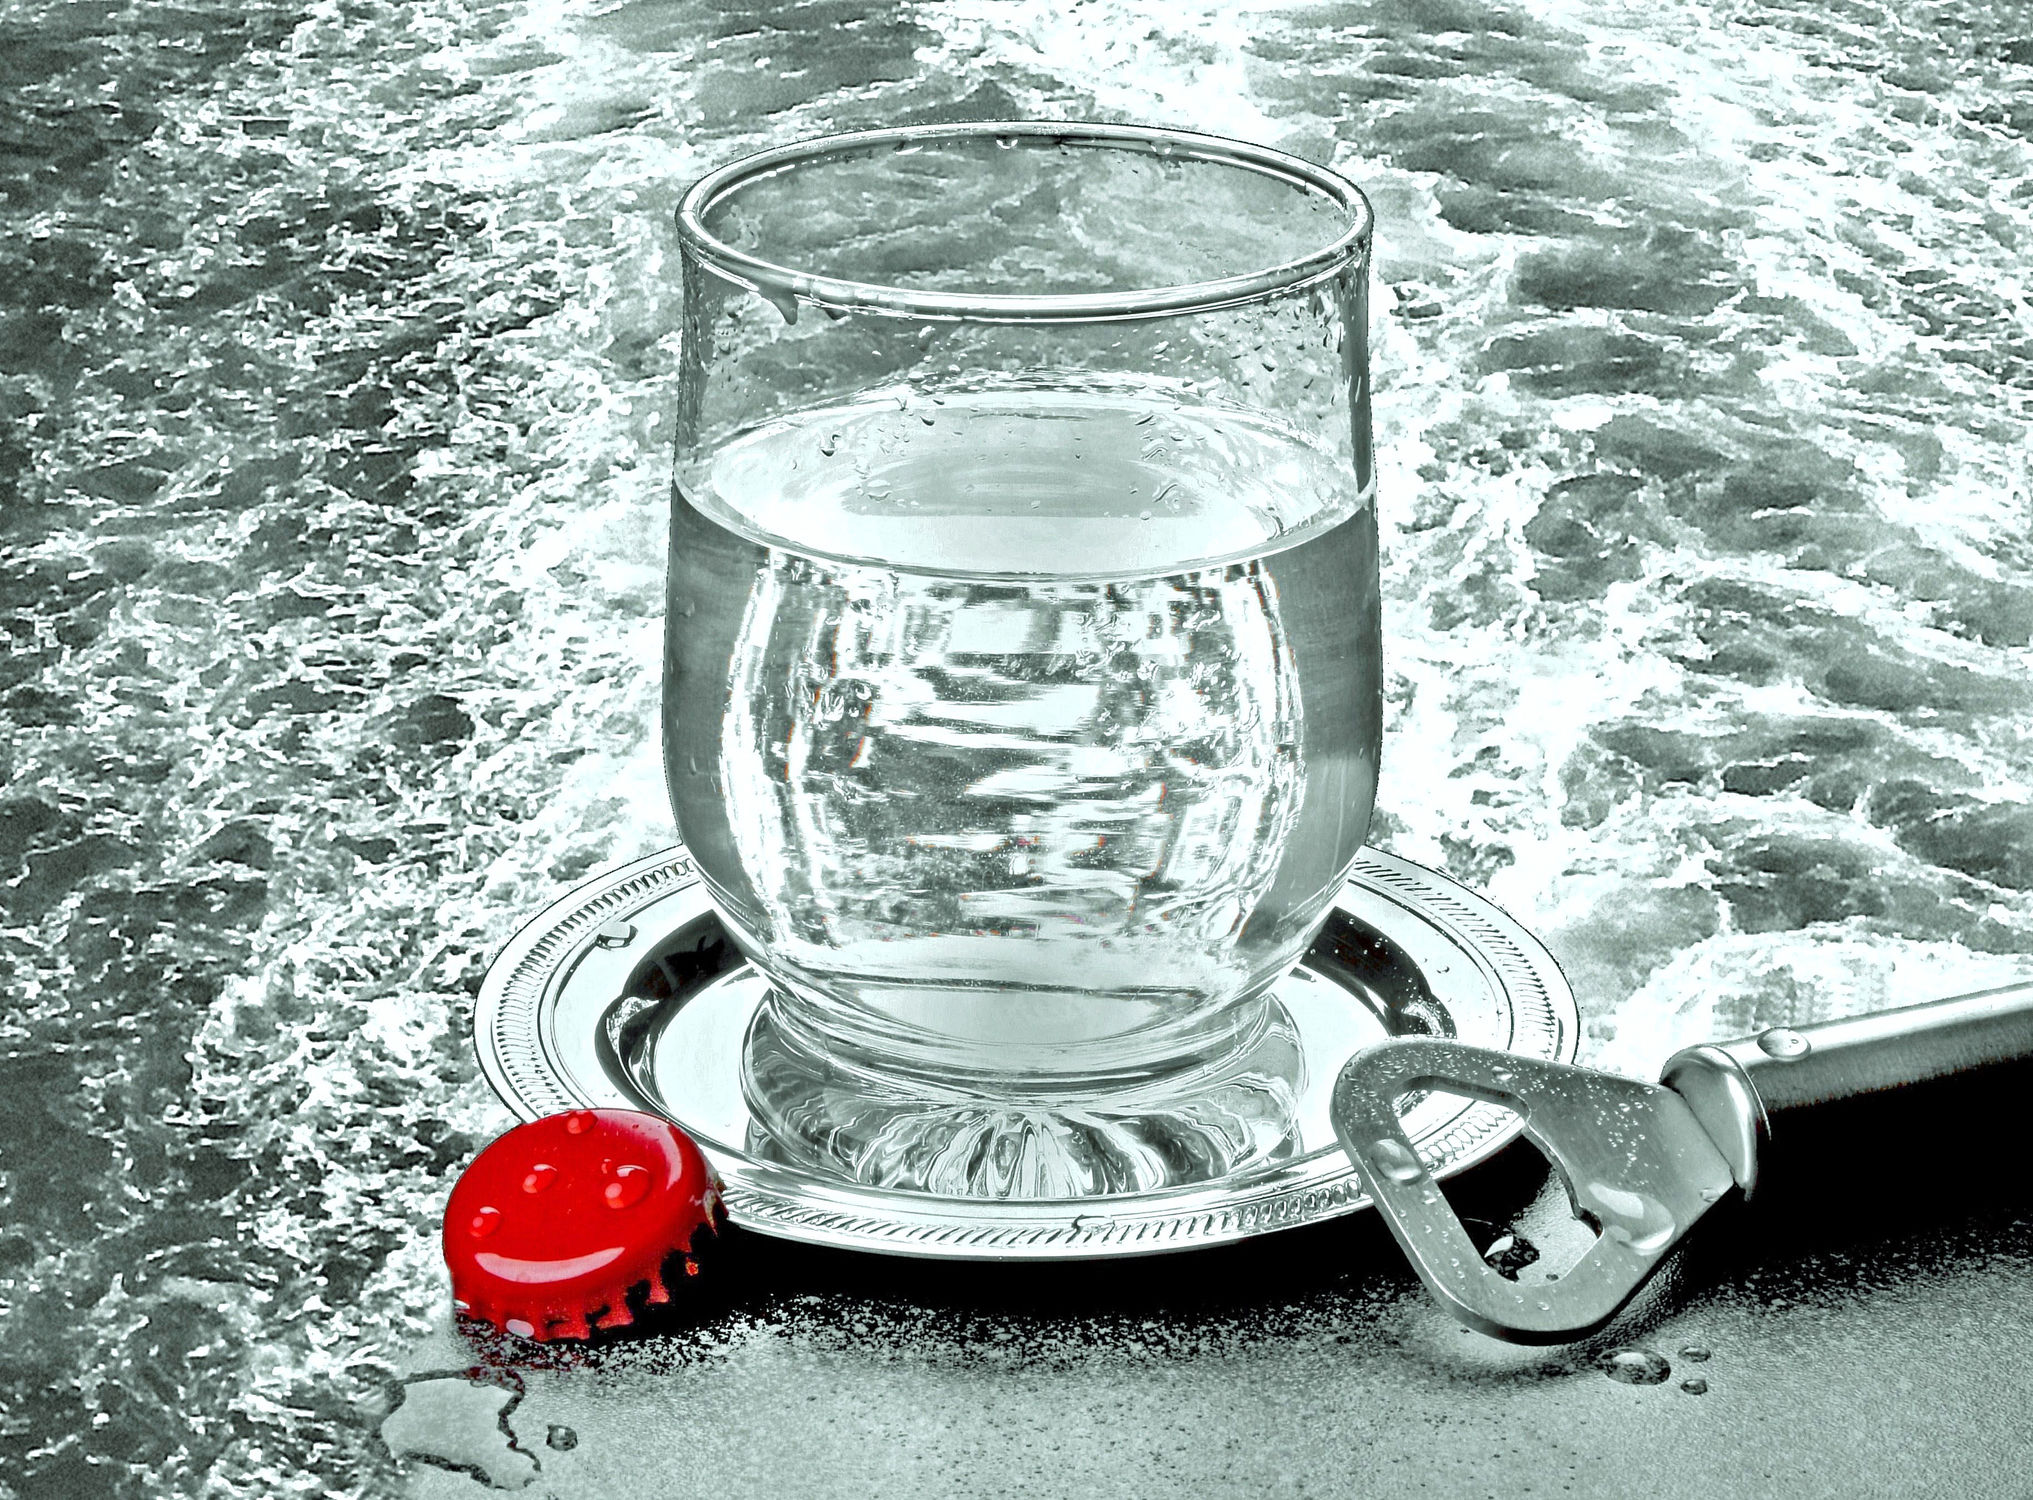 Bild mit Wasser, Getränke, Küchenbild, Wassertropfen, Wasserperlen, Tropfen, Food, Küchenbilder, Getränk, Küche, Küchen